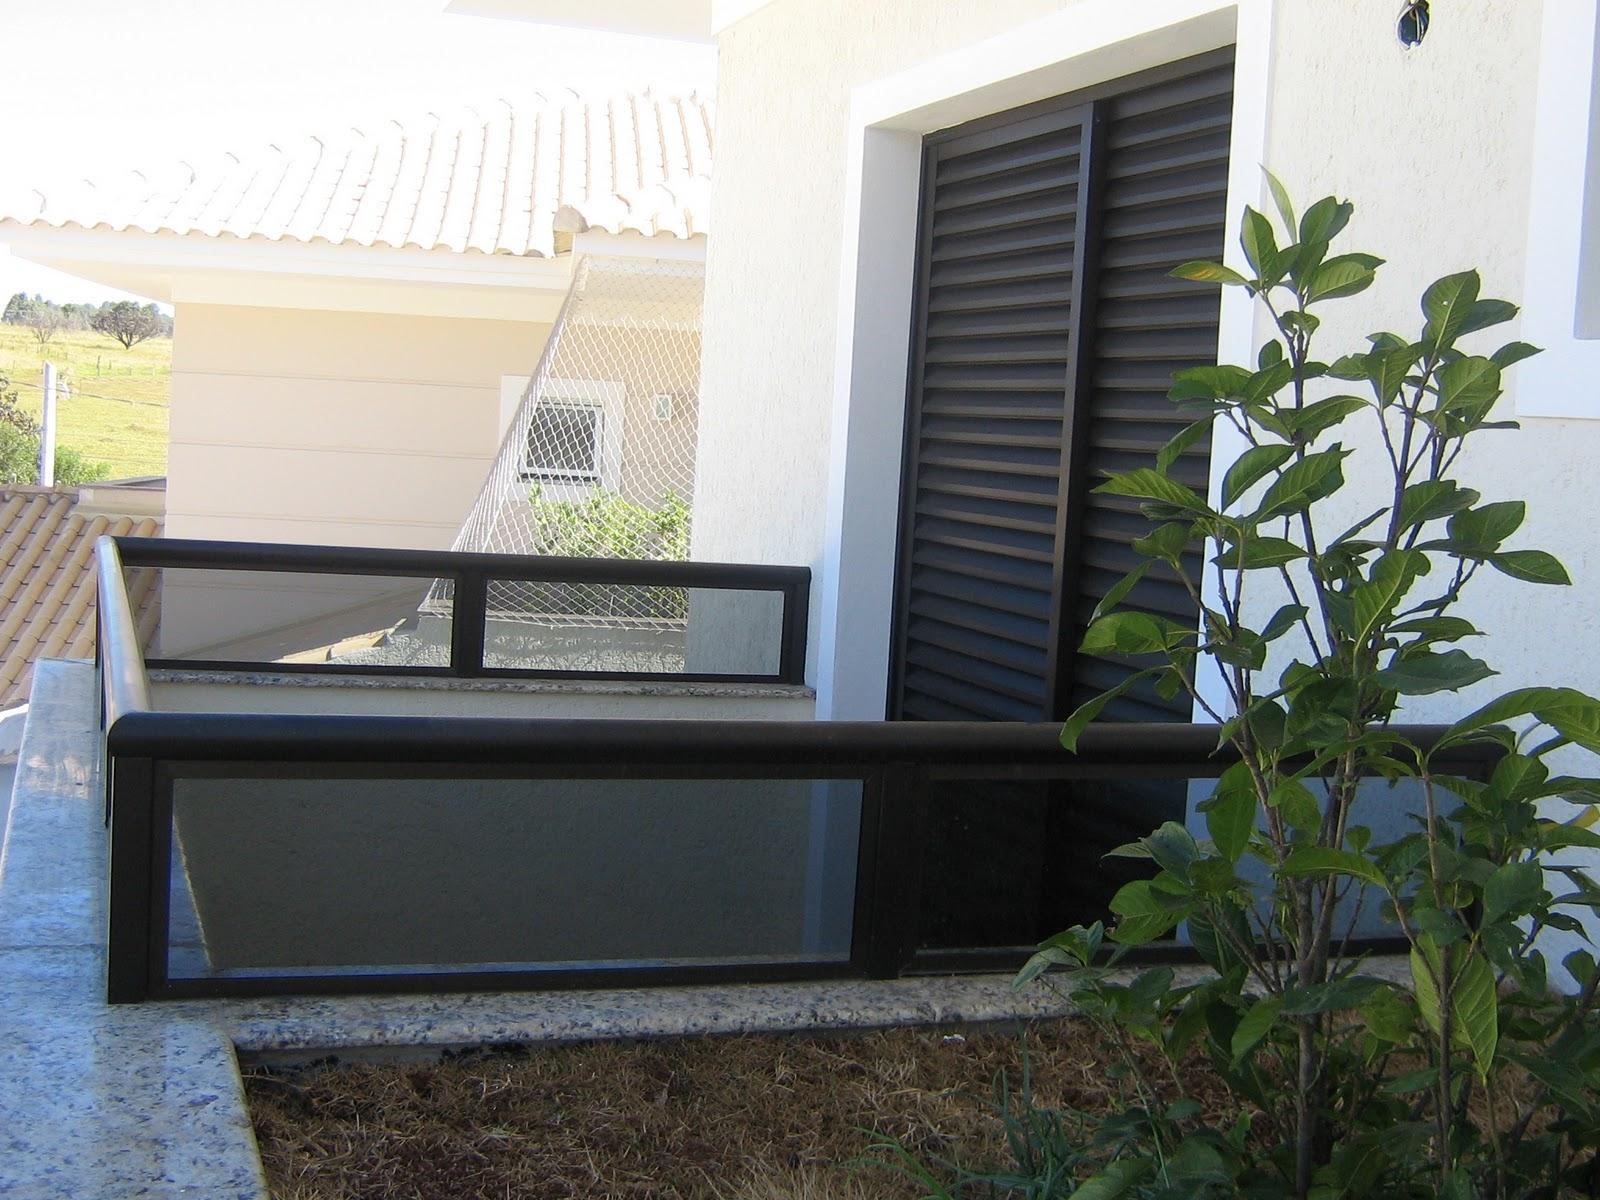 #476184 Alumínio Bronze c/ Vidro Fumê 2004 Janela De Aluminio Vidro Fume